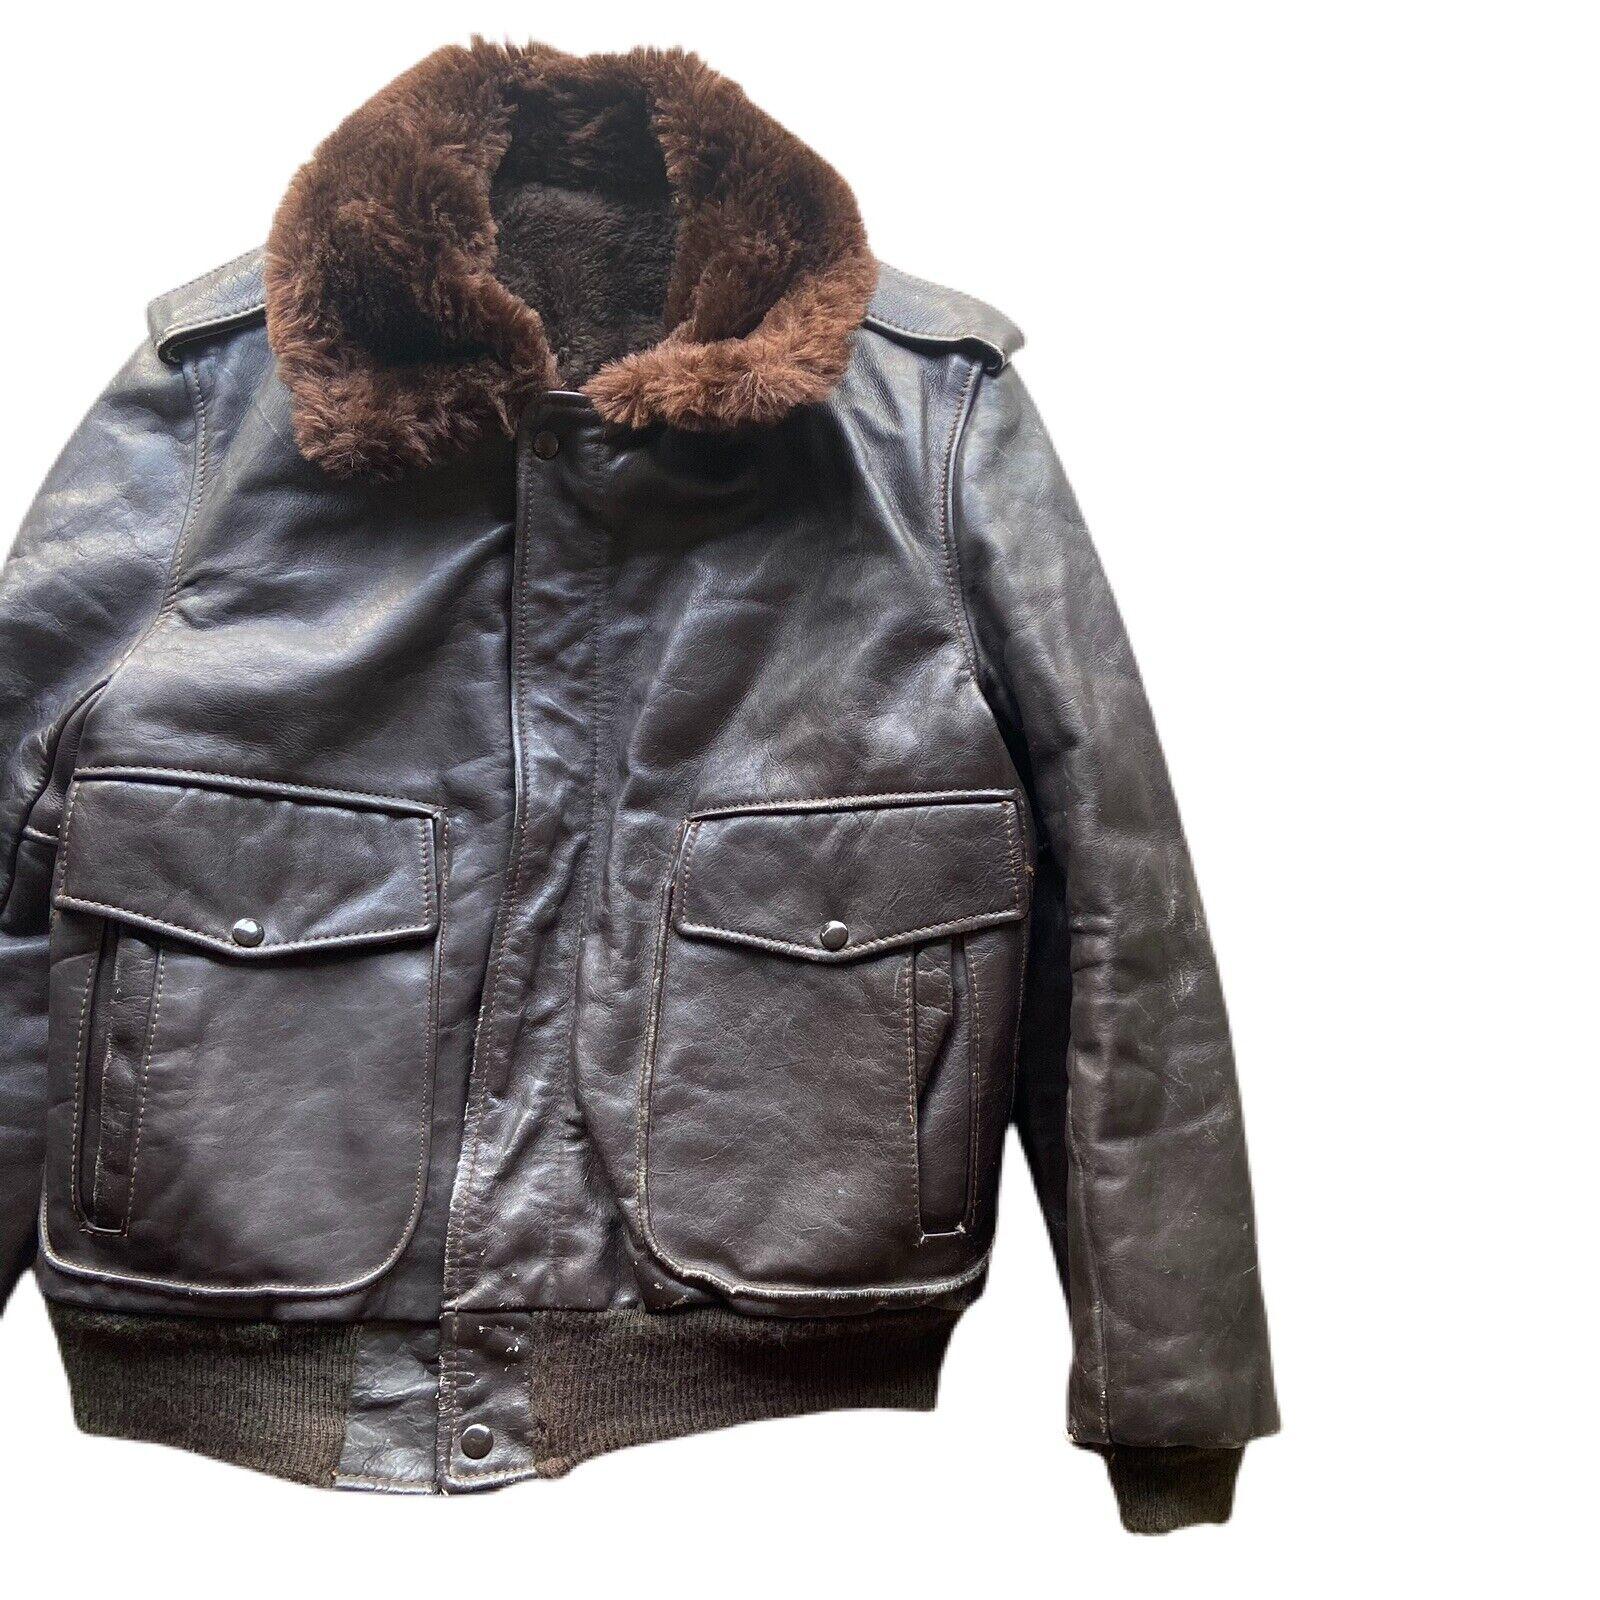 Vintage 60's G-1 Leather Bomber Flight Fur Jacket - image 2